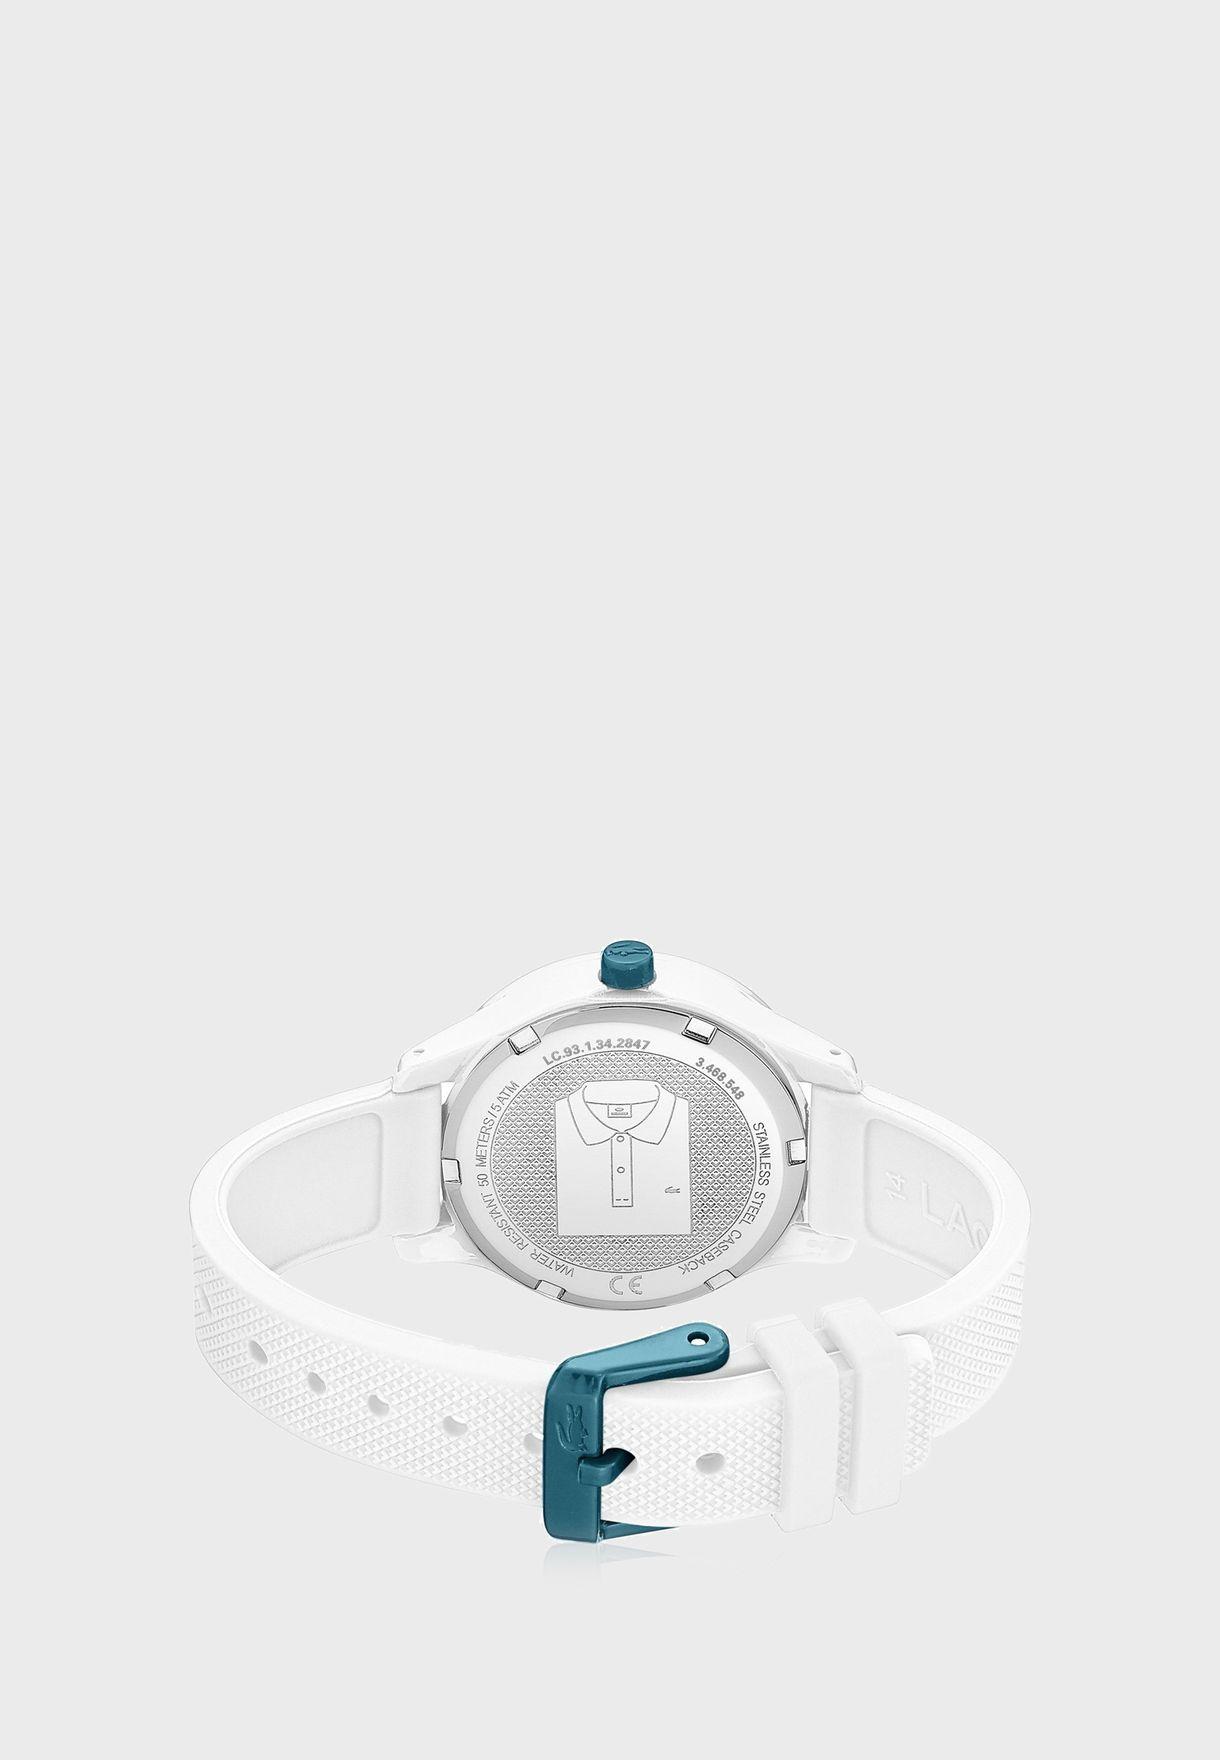 ساعة لاكوست L12.12 للأولاد بسوار سيليكون - 2030017